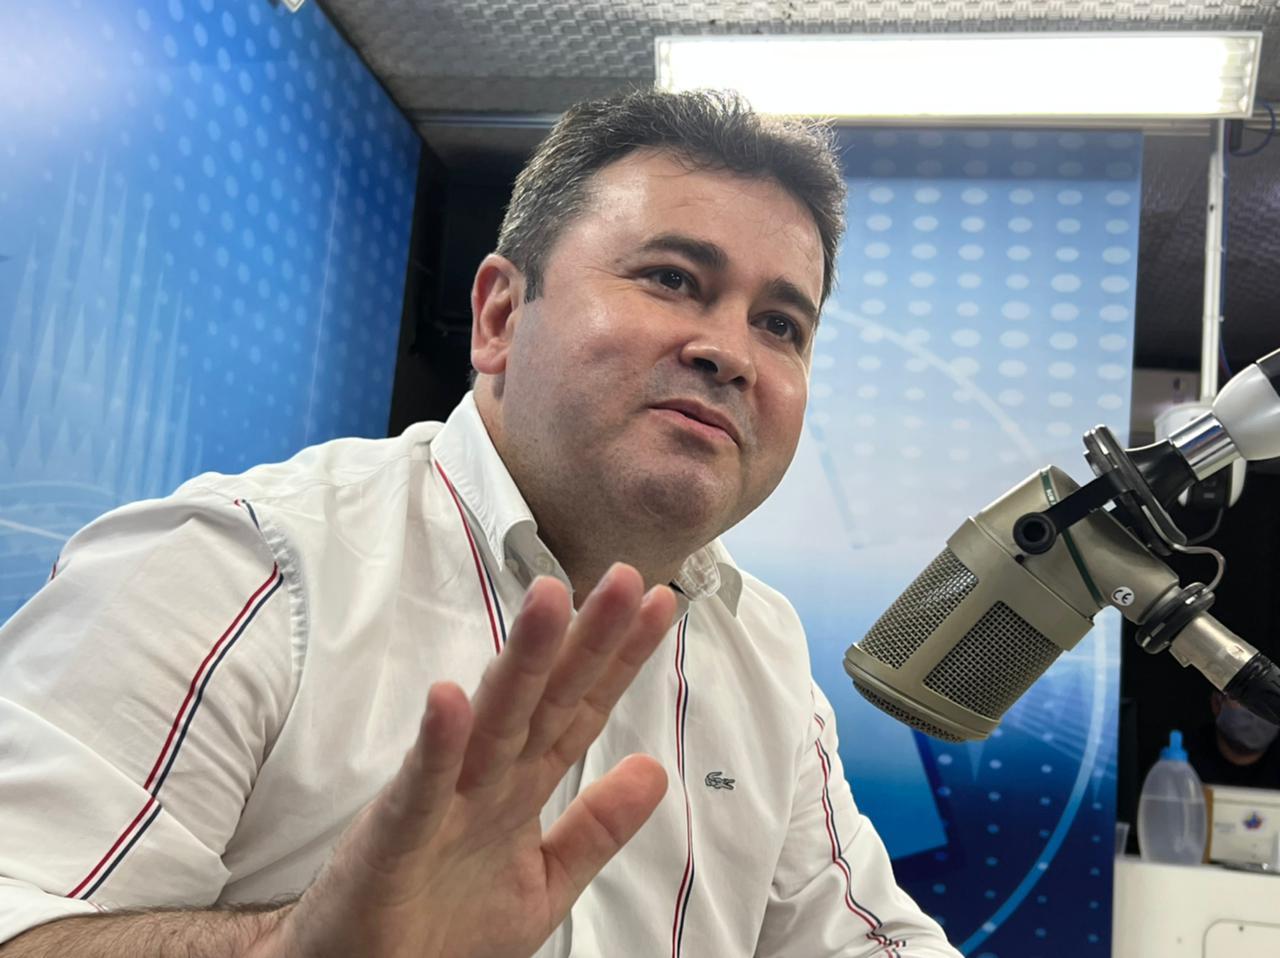 WhatsApp Image 2021 10 01 at 13.09.31 - Aledson Moura, representante da renovação parlamentar paraibana, diz que a ideia do grupo é eleger 6 ou 7 deputados estaduais